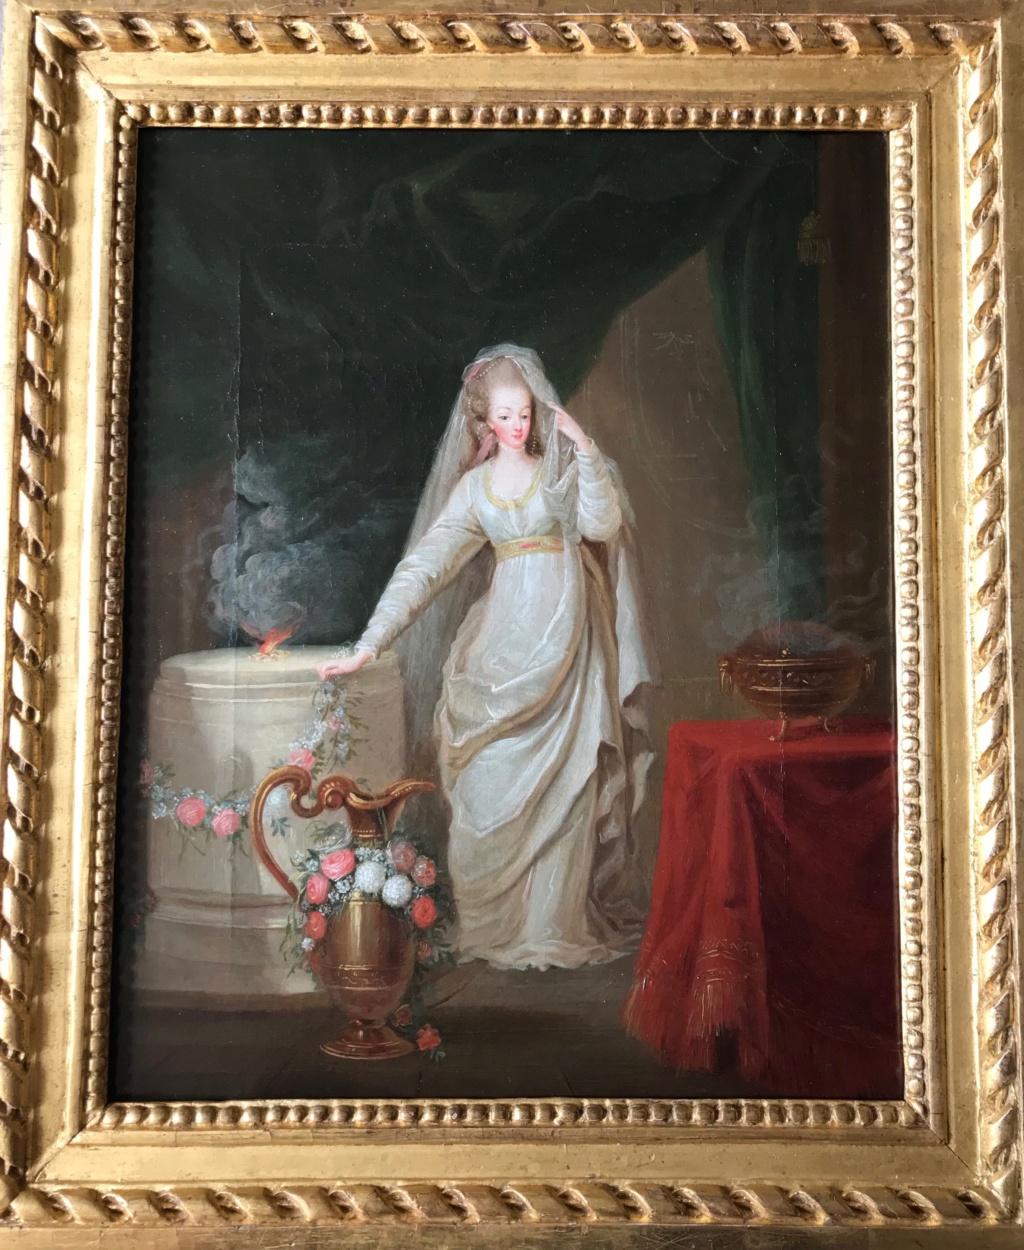 Portraits de Marie-Antoinette et de la famille royale par Charles Le Clercq - Page 3 Img_0538